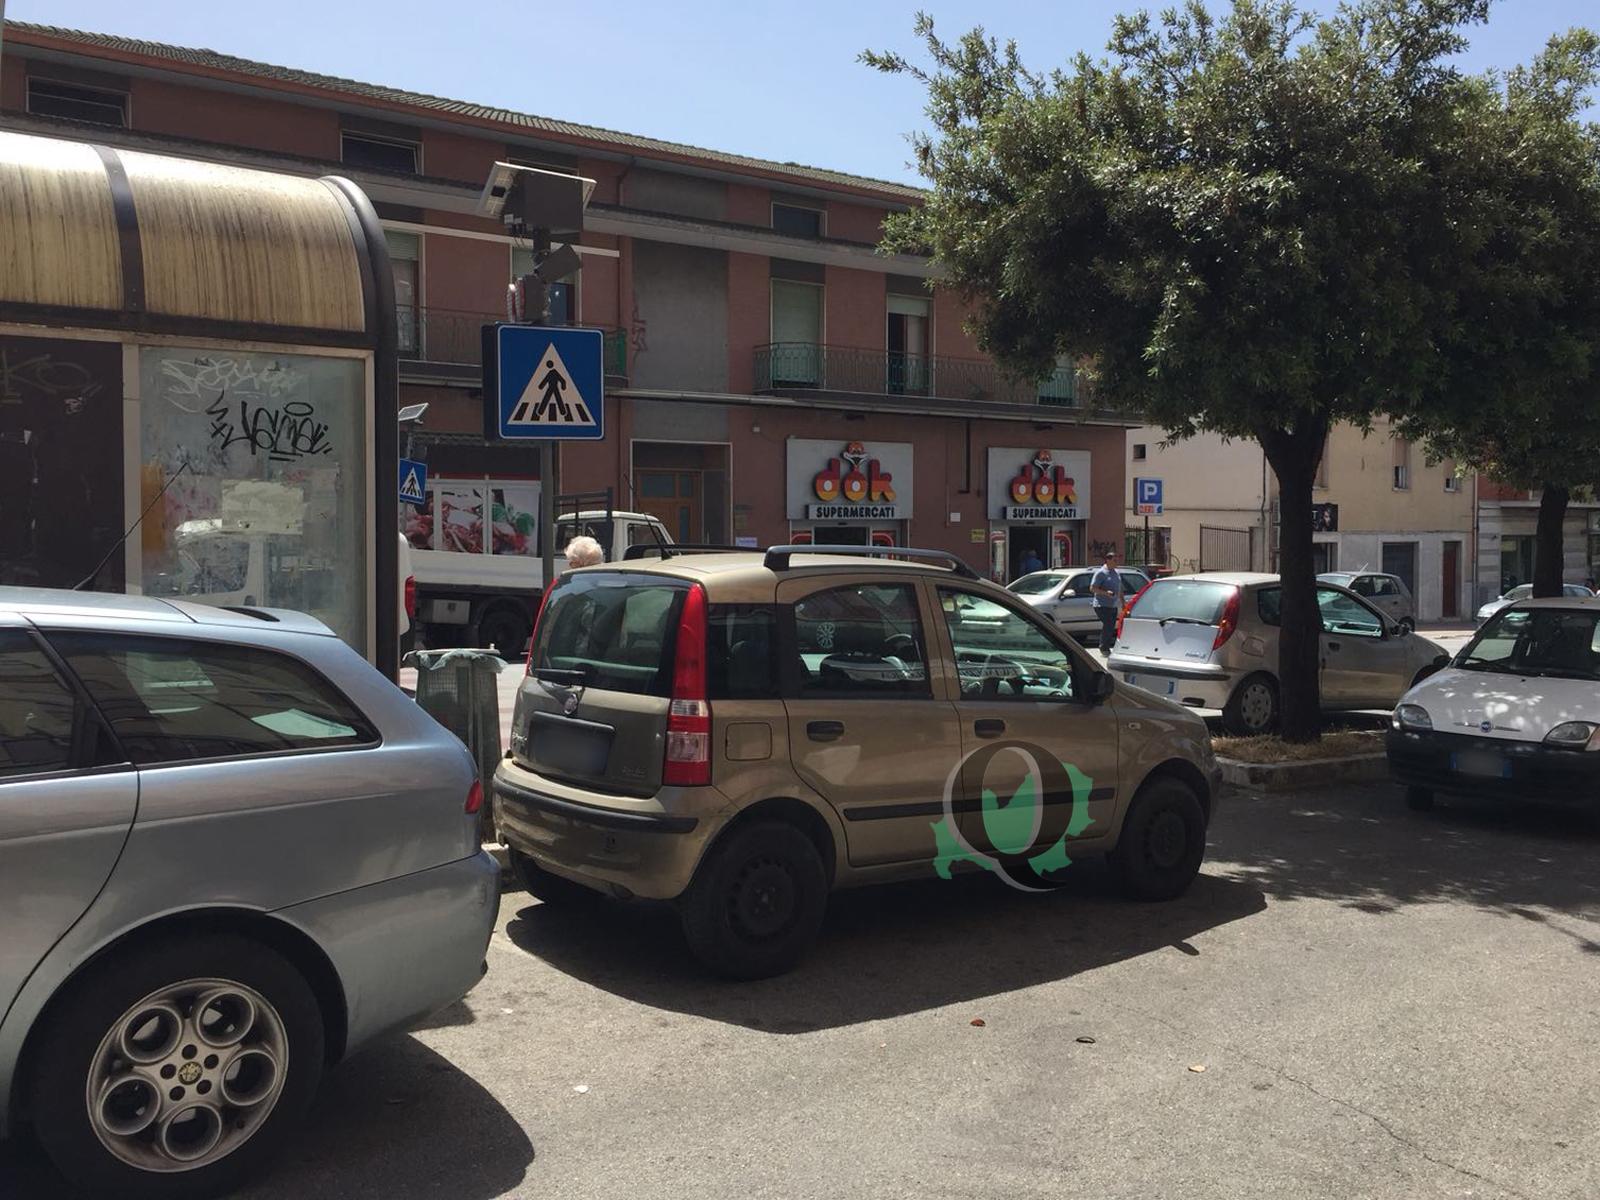 Parcheggi selvaggi in via 24 maggio, cittadini e commercianti esasperati (FOTO)